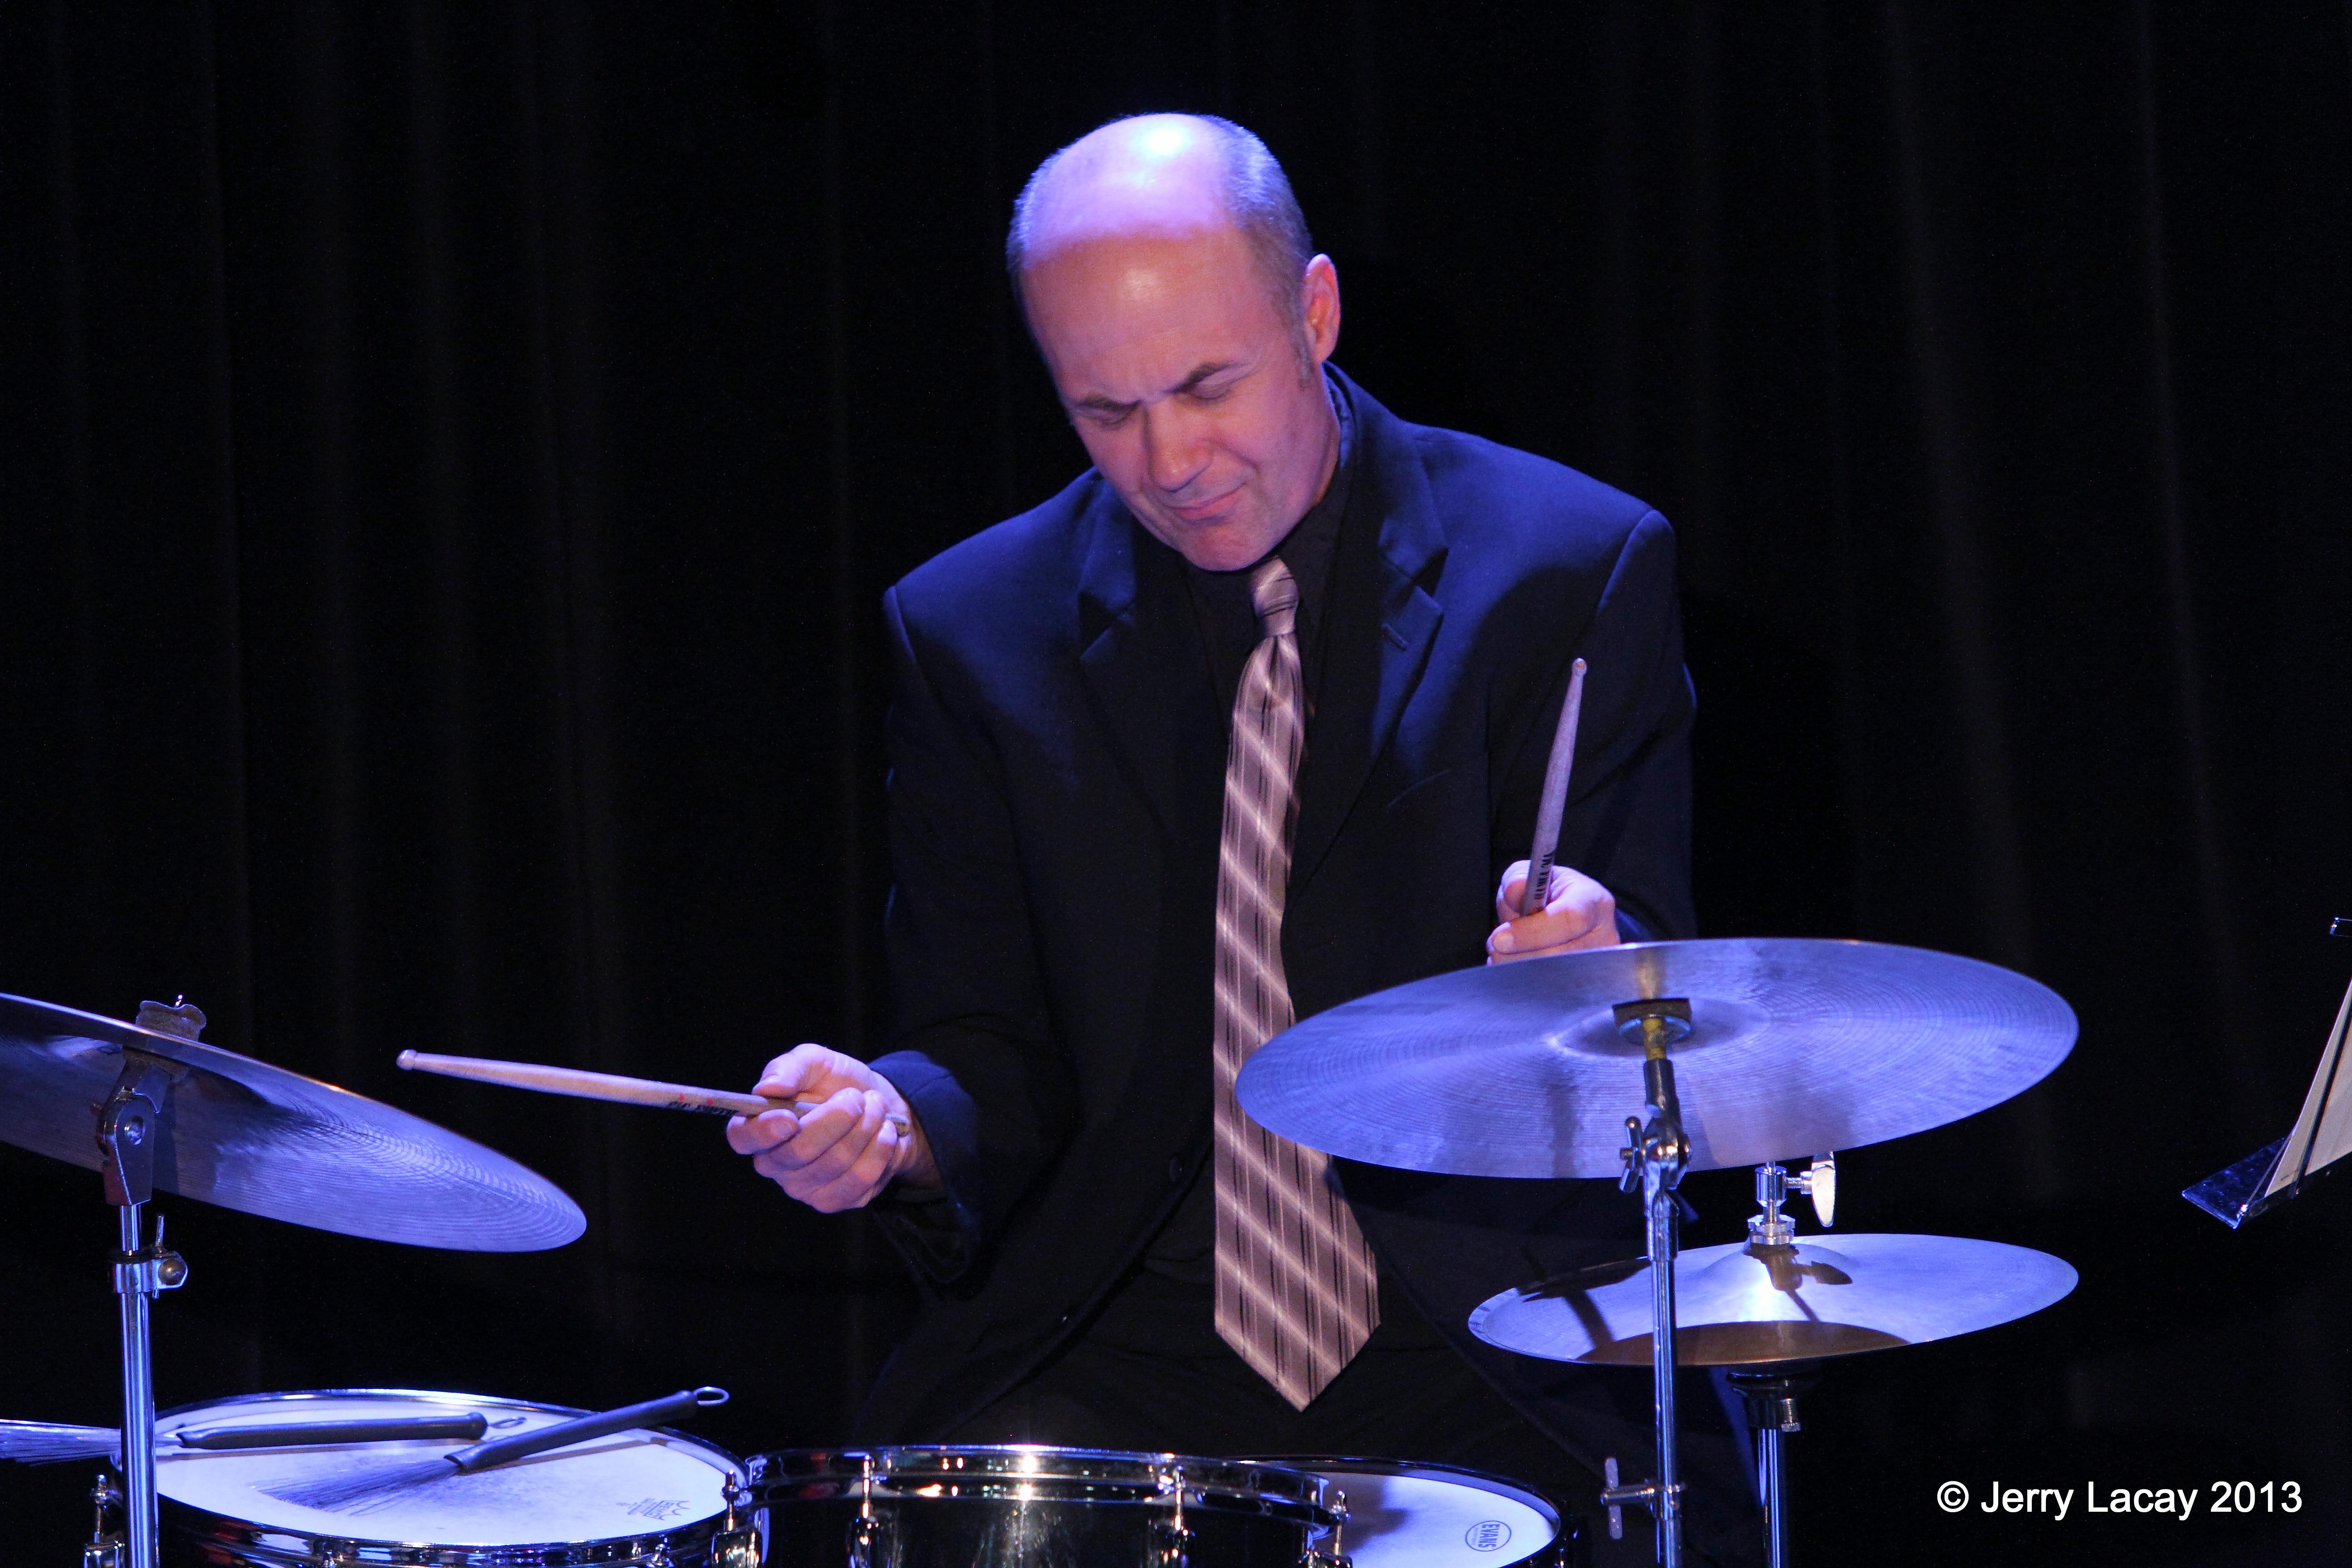 Rudy Petschauer